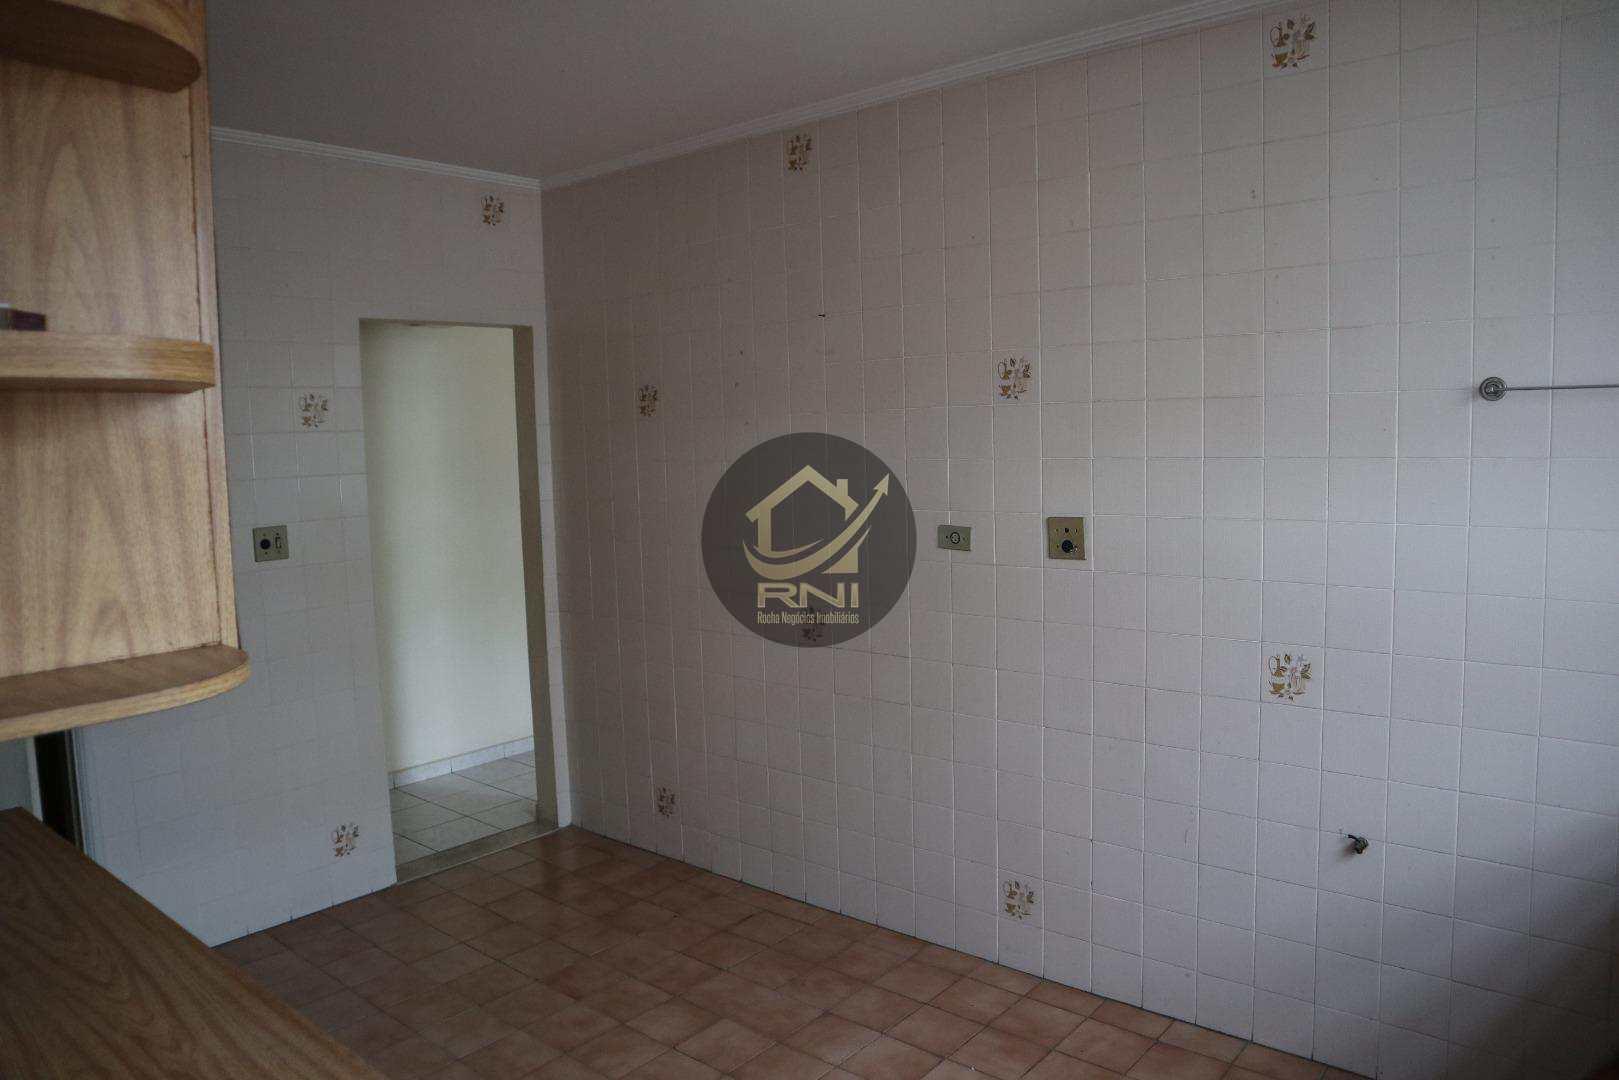 Apartamento com 2 dormitórios à venda, 1 m² por R$ 380.000 - Aparecida - Santos/SP